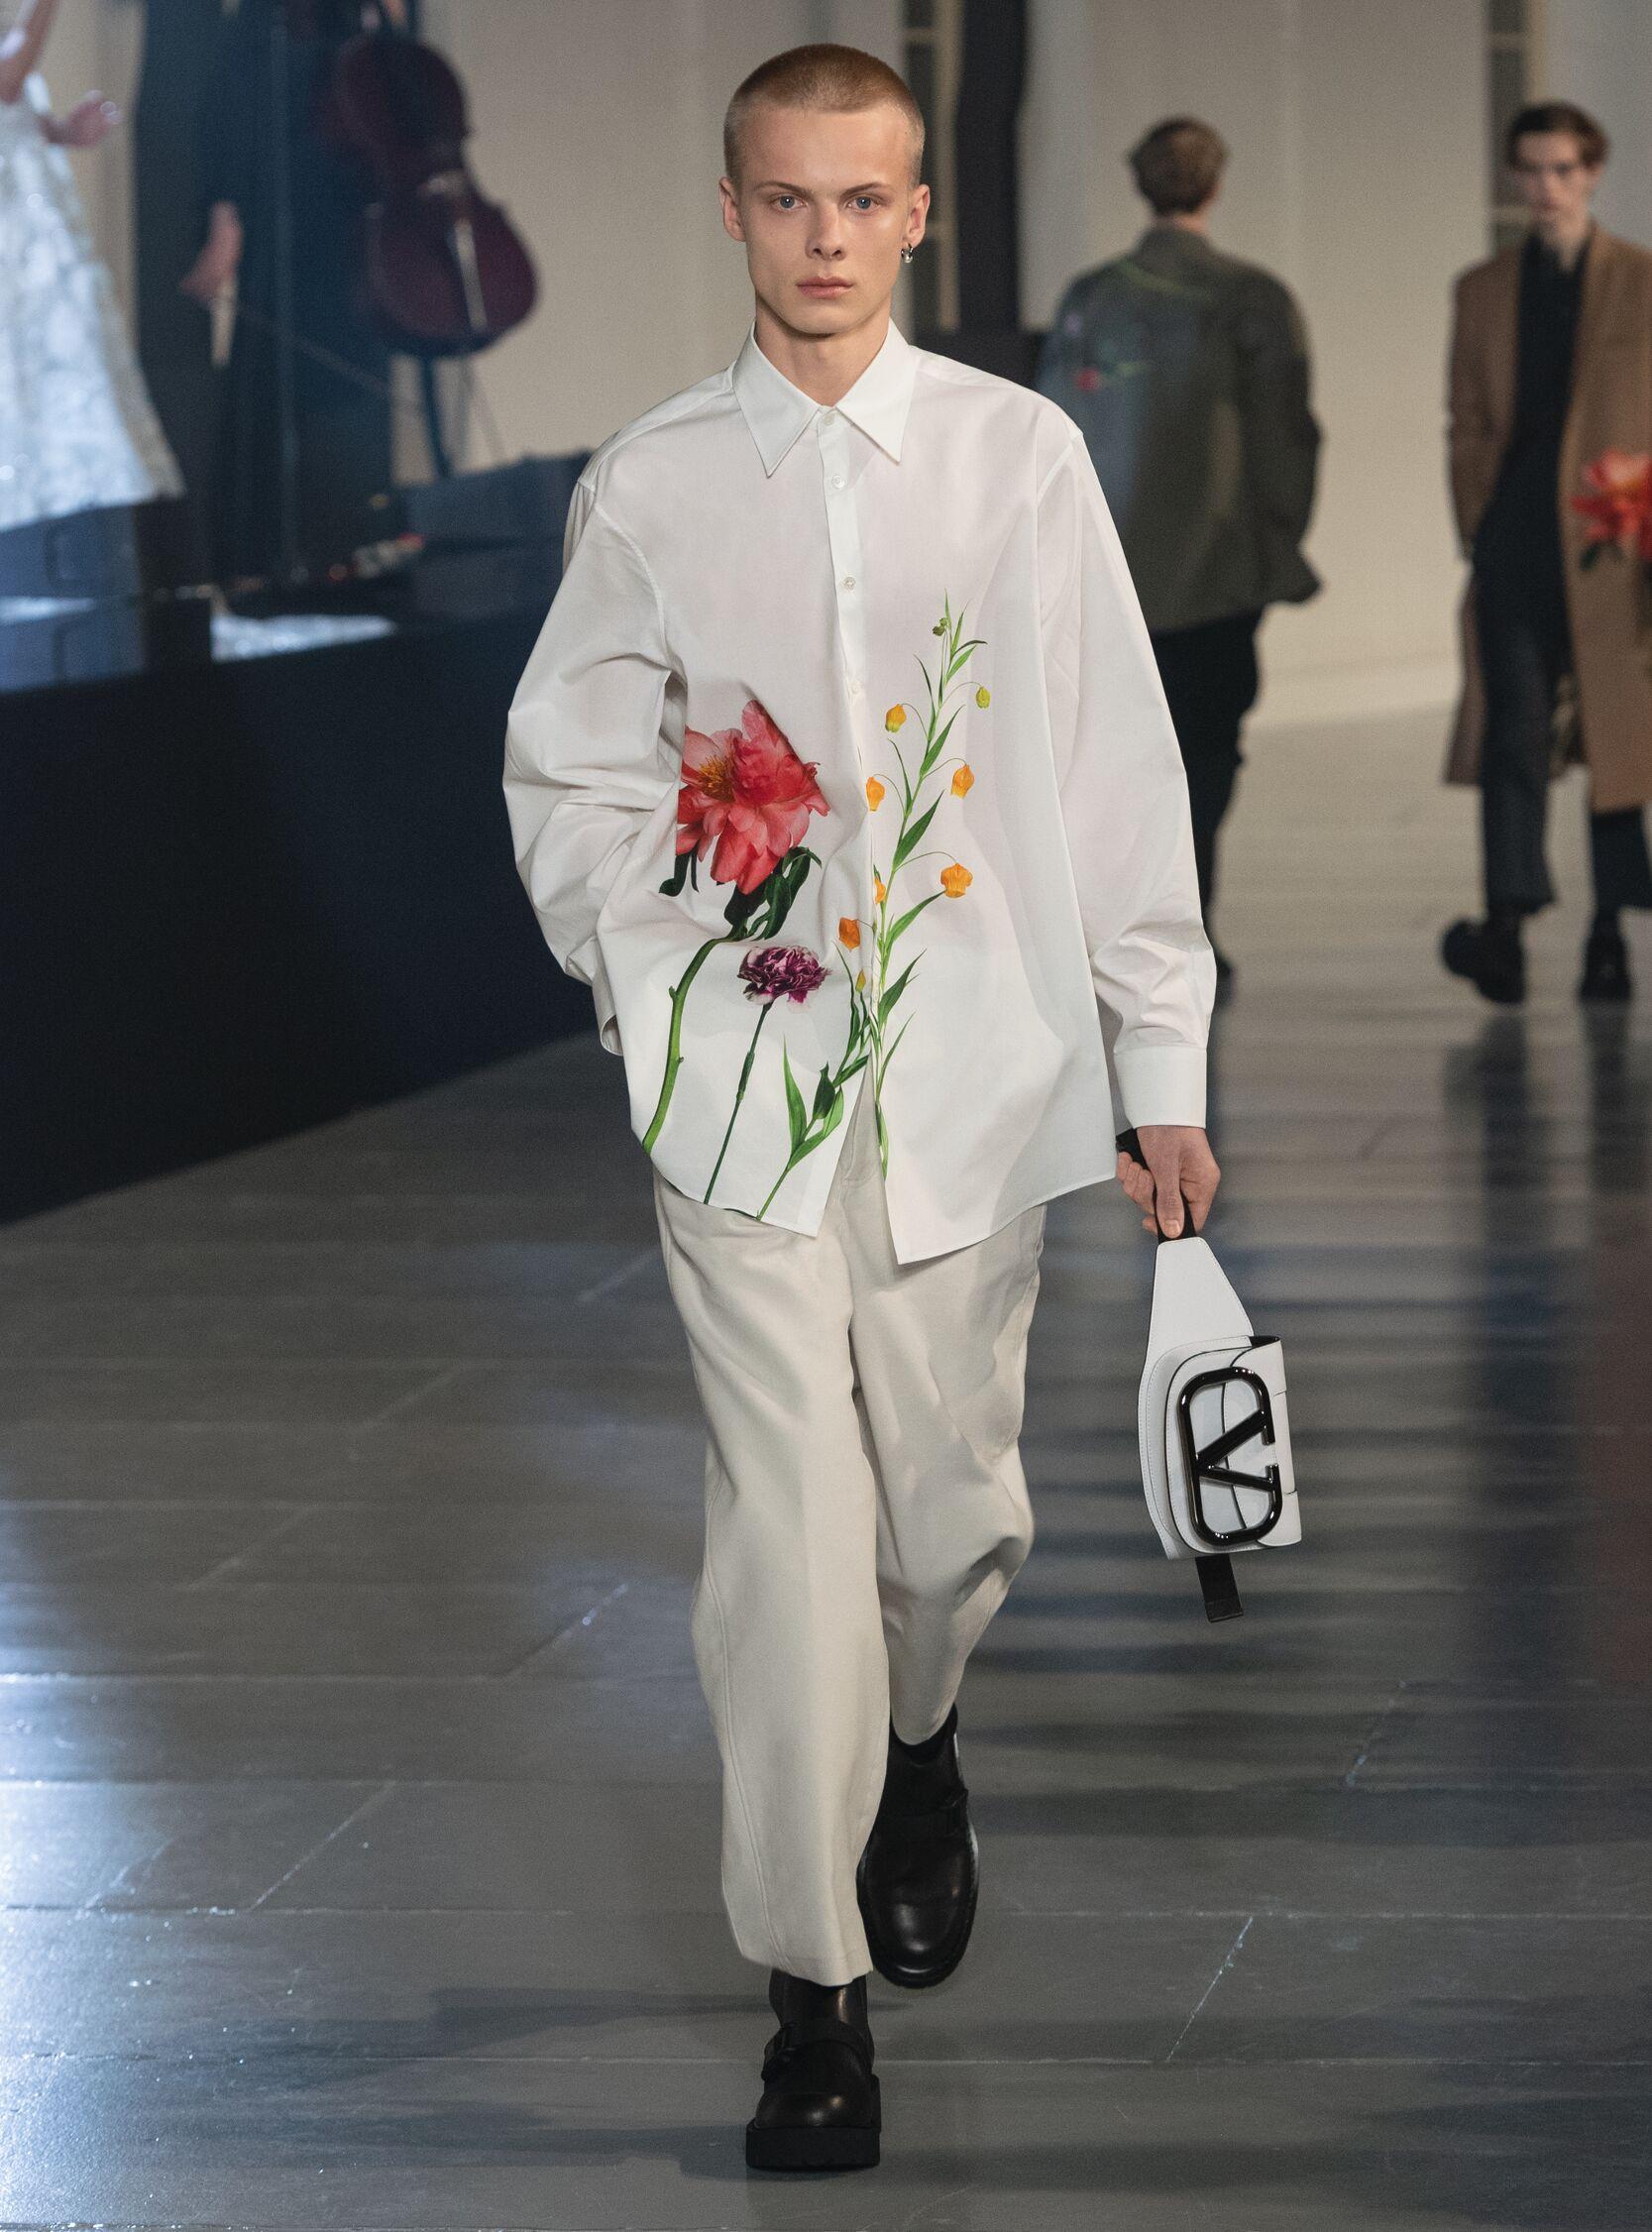 Valentino FW 2020 Menswear